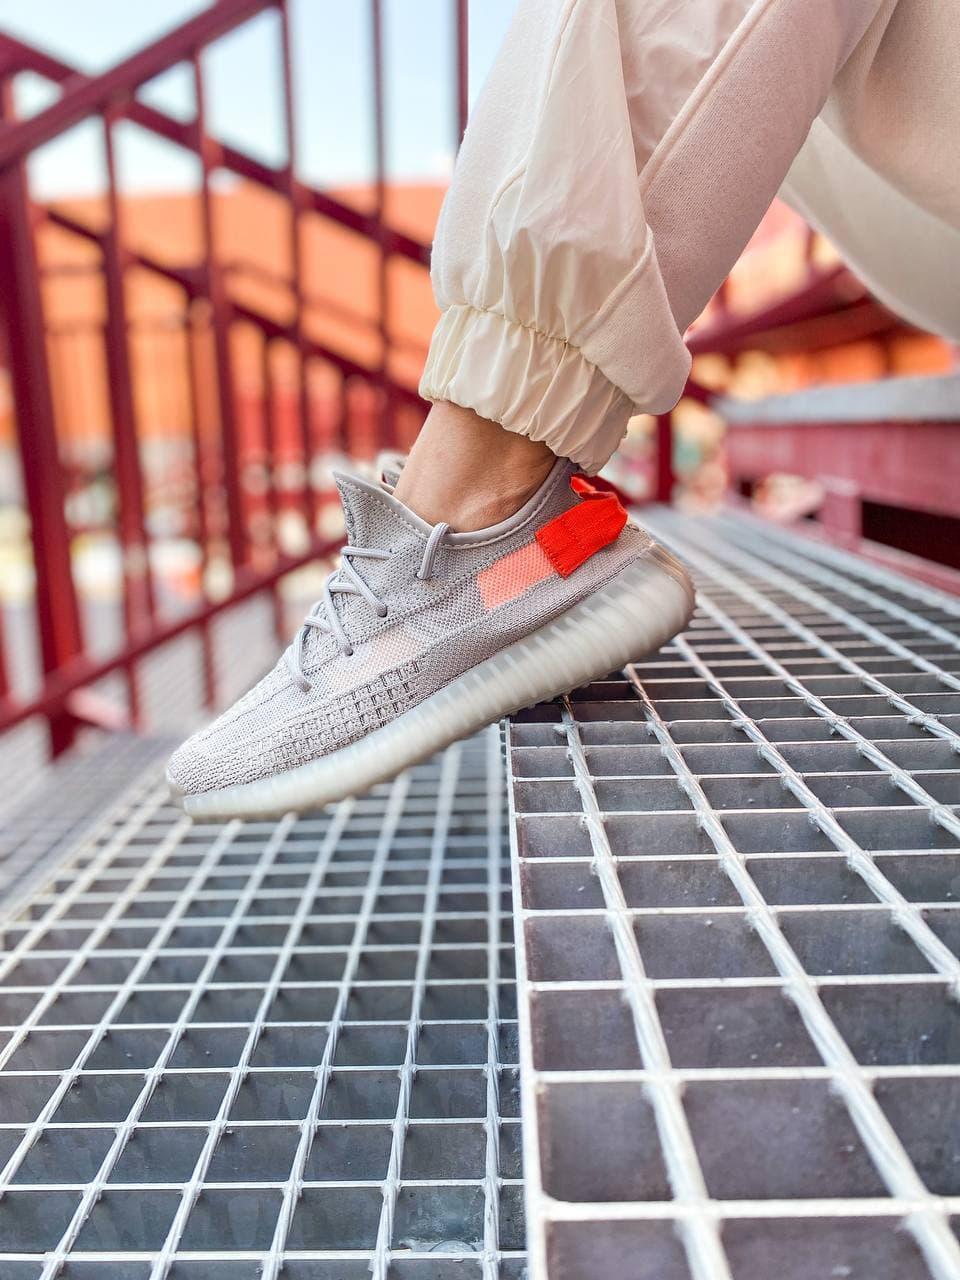 Женские кроссовки Adidas Yeezy Boost 350 V2 Tail Light (серые) К2770 качественные крутые обувь